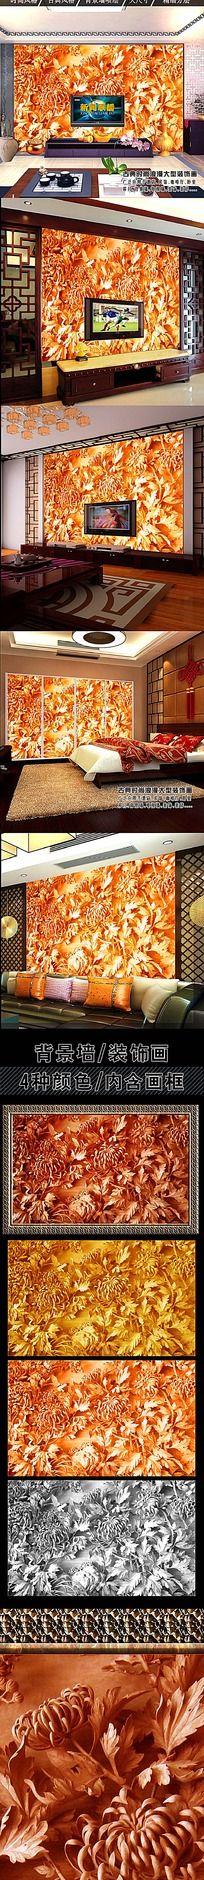 木雕中式菊花壁画背景墙